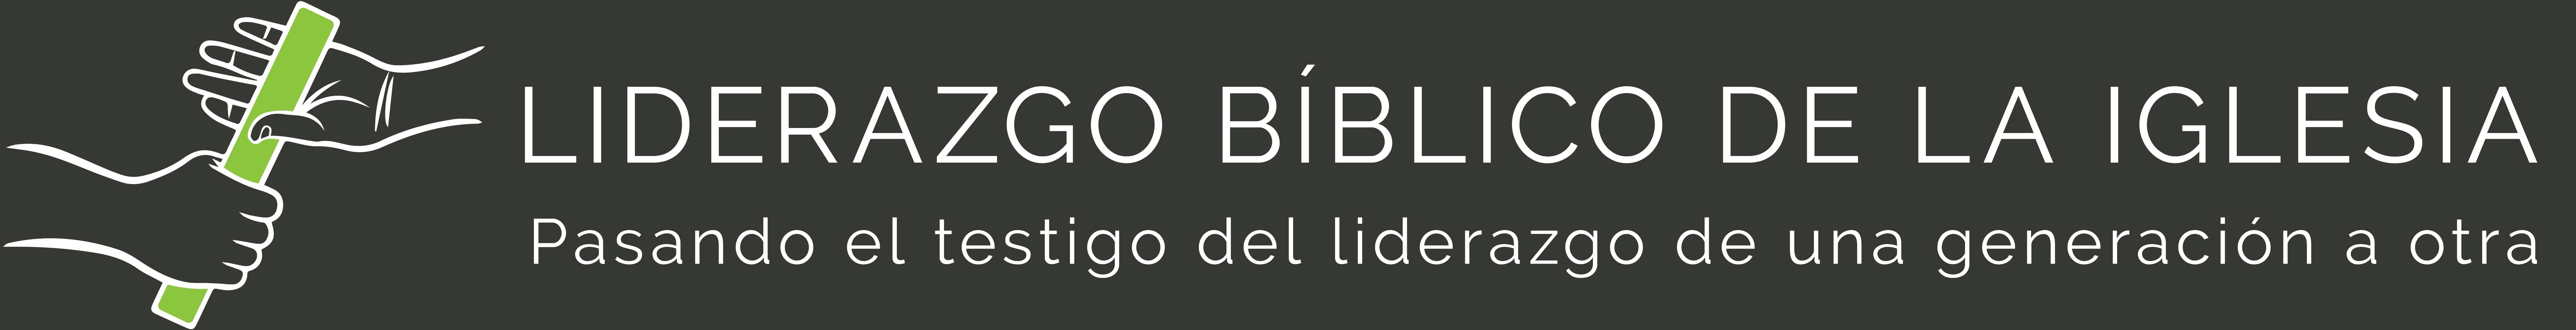 Pasando el testigo del liderazgo de una generación de ancianos a la otra | Liderazgo Bíblico de la Iglesia